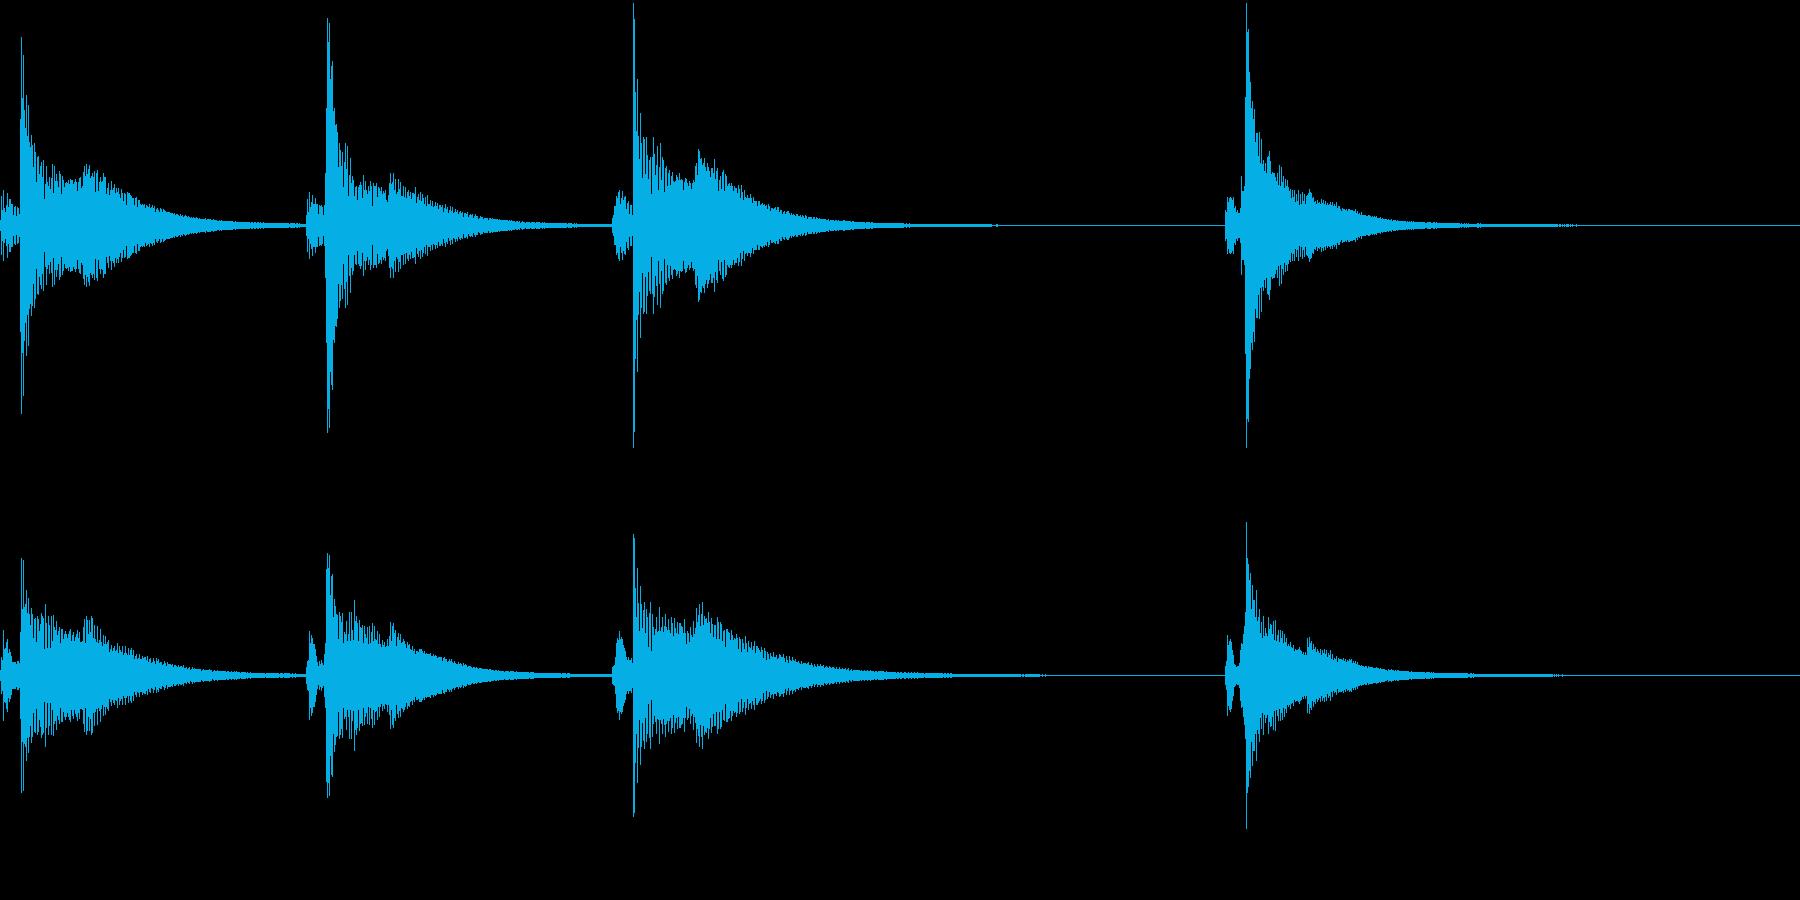 Kawaii メルヘンな受信・通知音 4の再生済みの波形